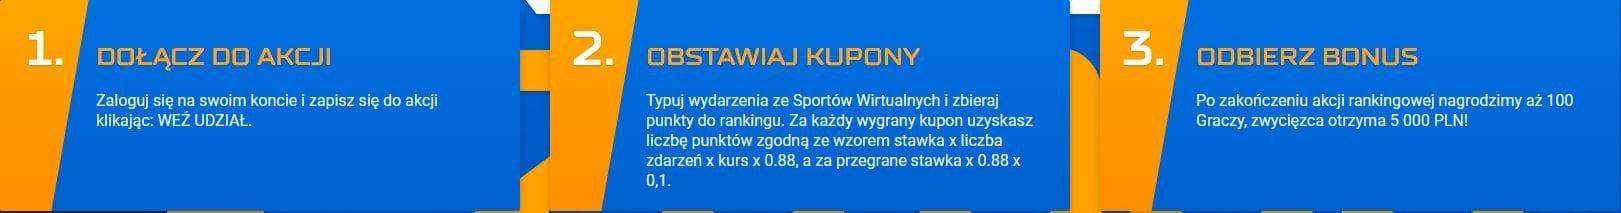 STS wirtualne sporty bonus